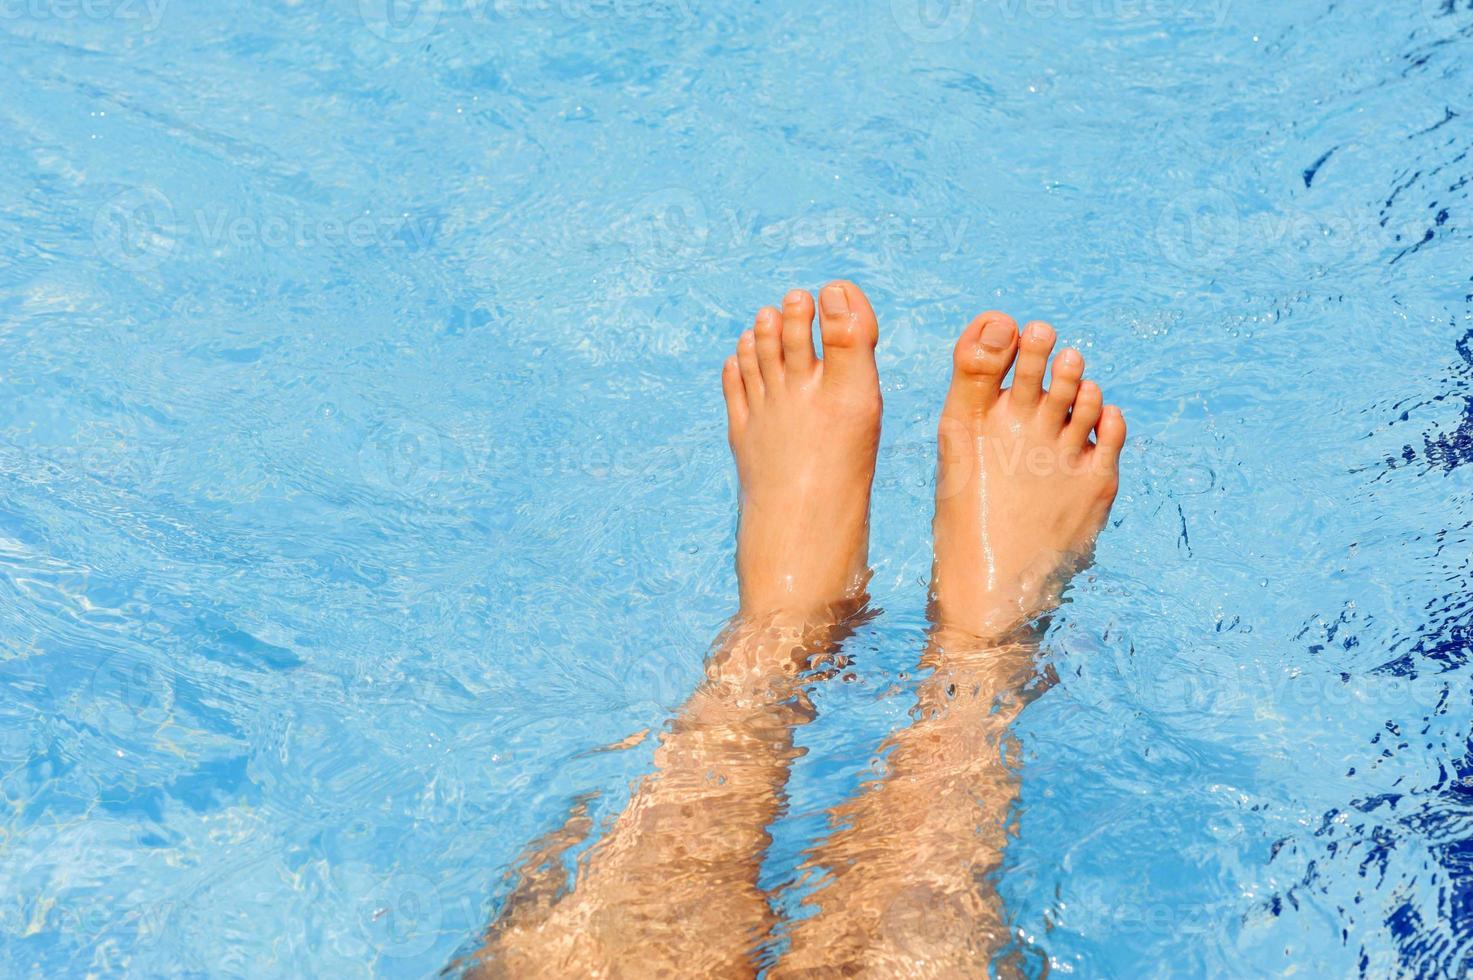 i piedi maschili galleggiano sull'acqua foto